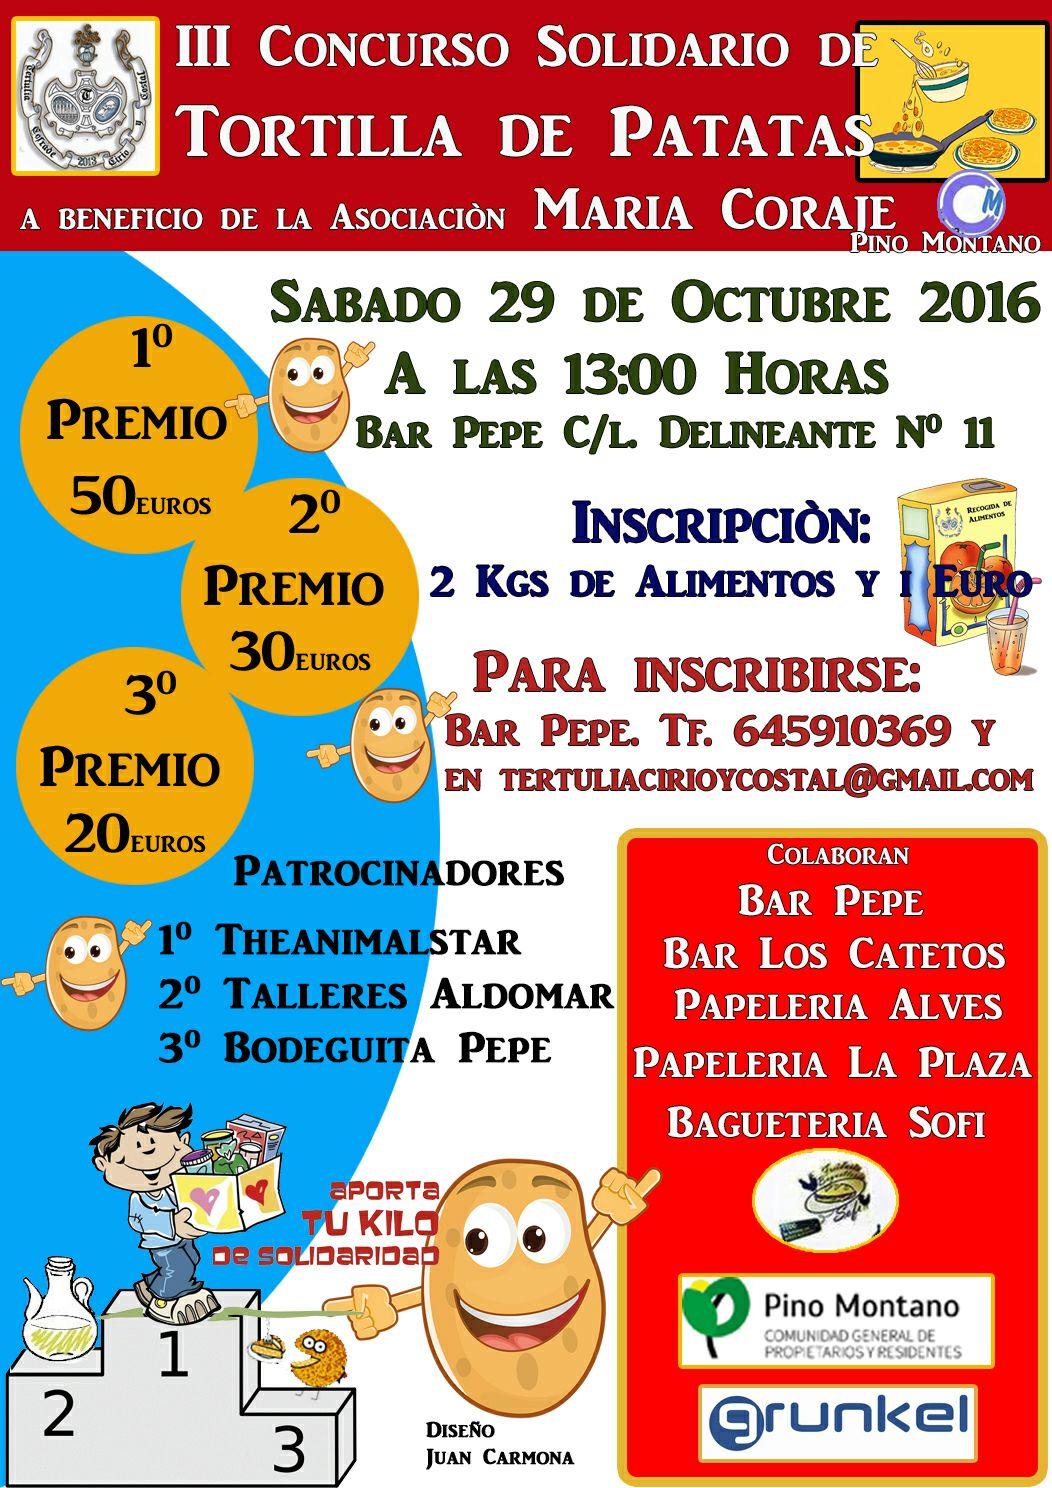 III Concurso Solidario de Tortillas de Patatas